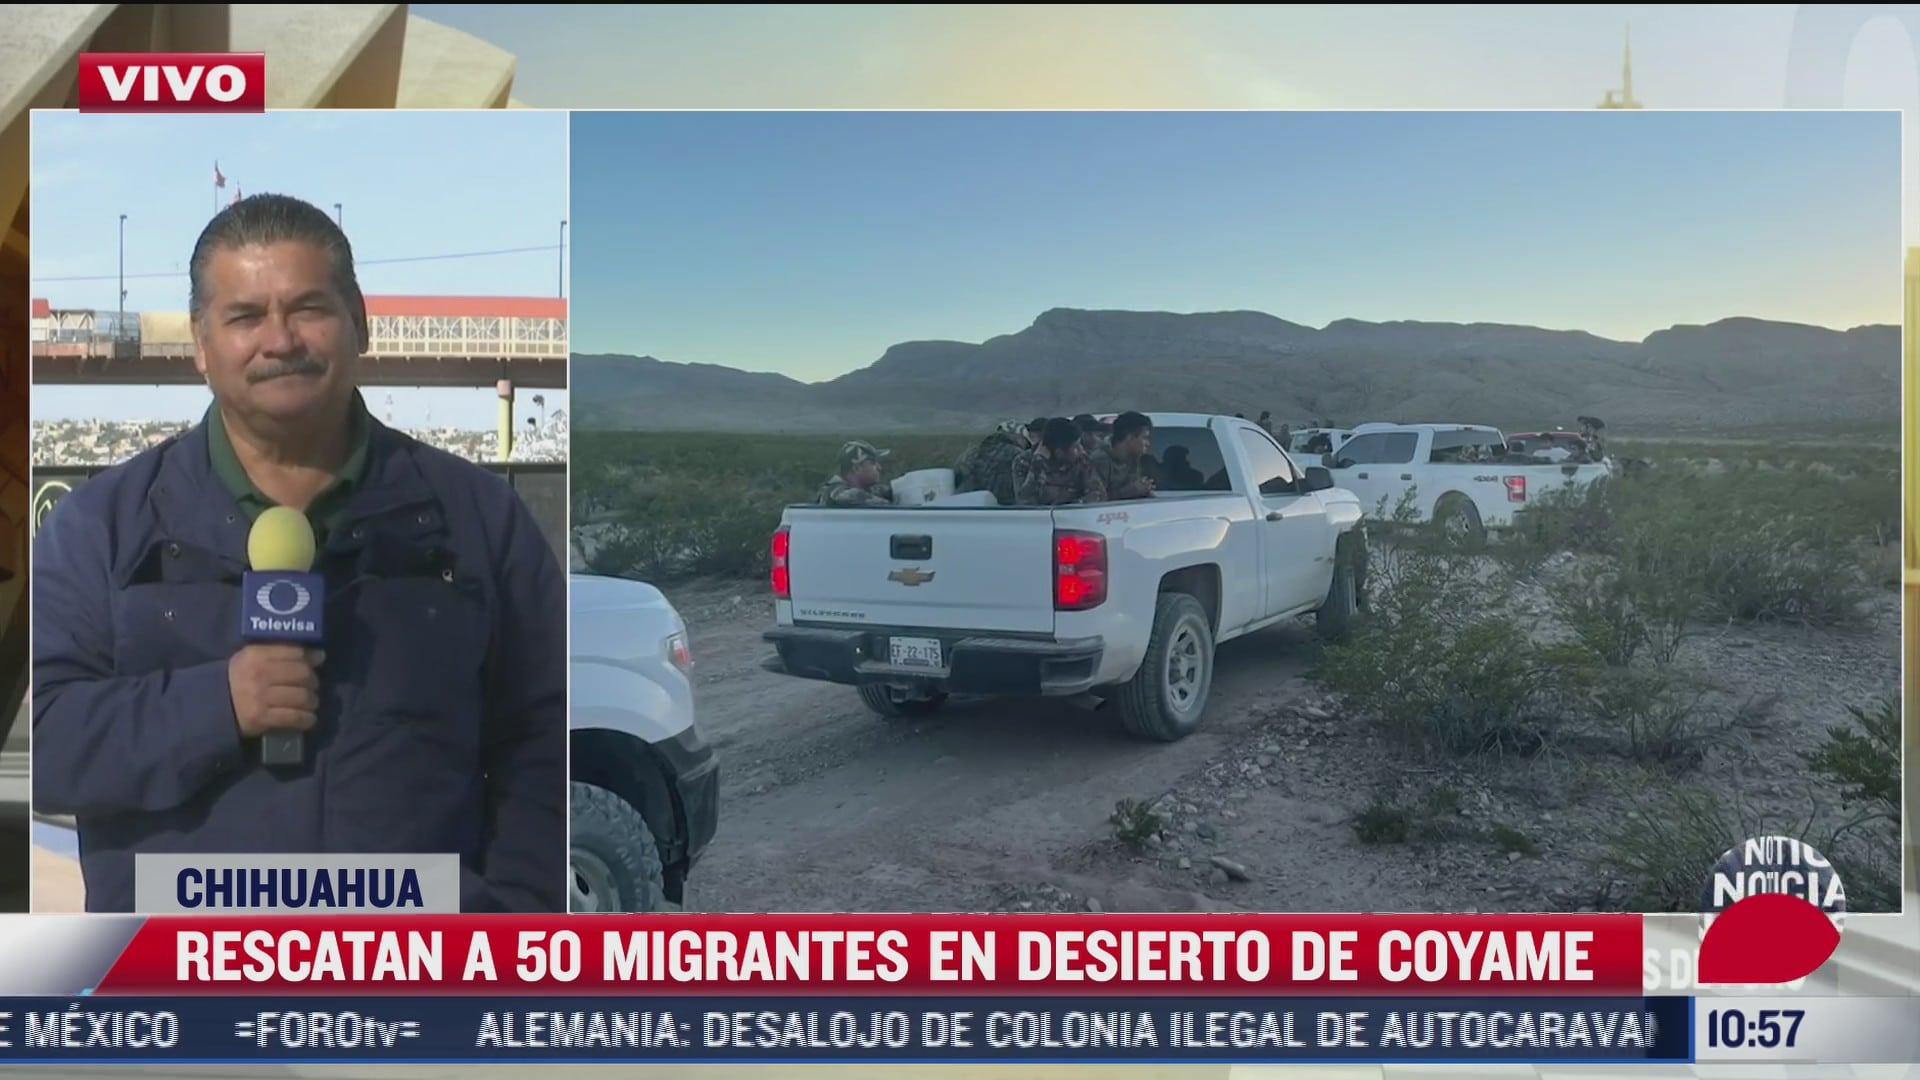 rescatan a 50 migrantes en el desierto de coyame chihuahua